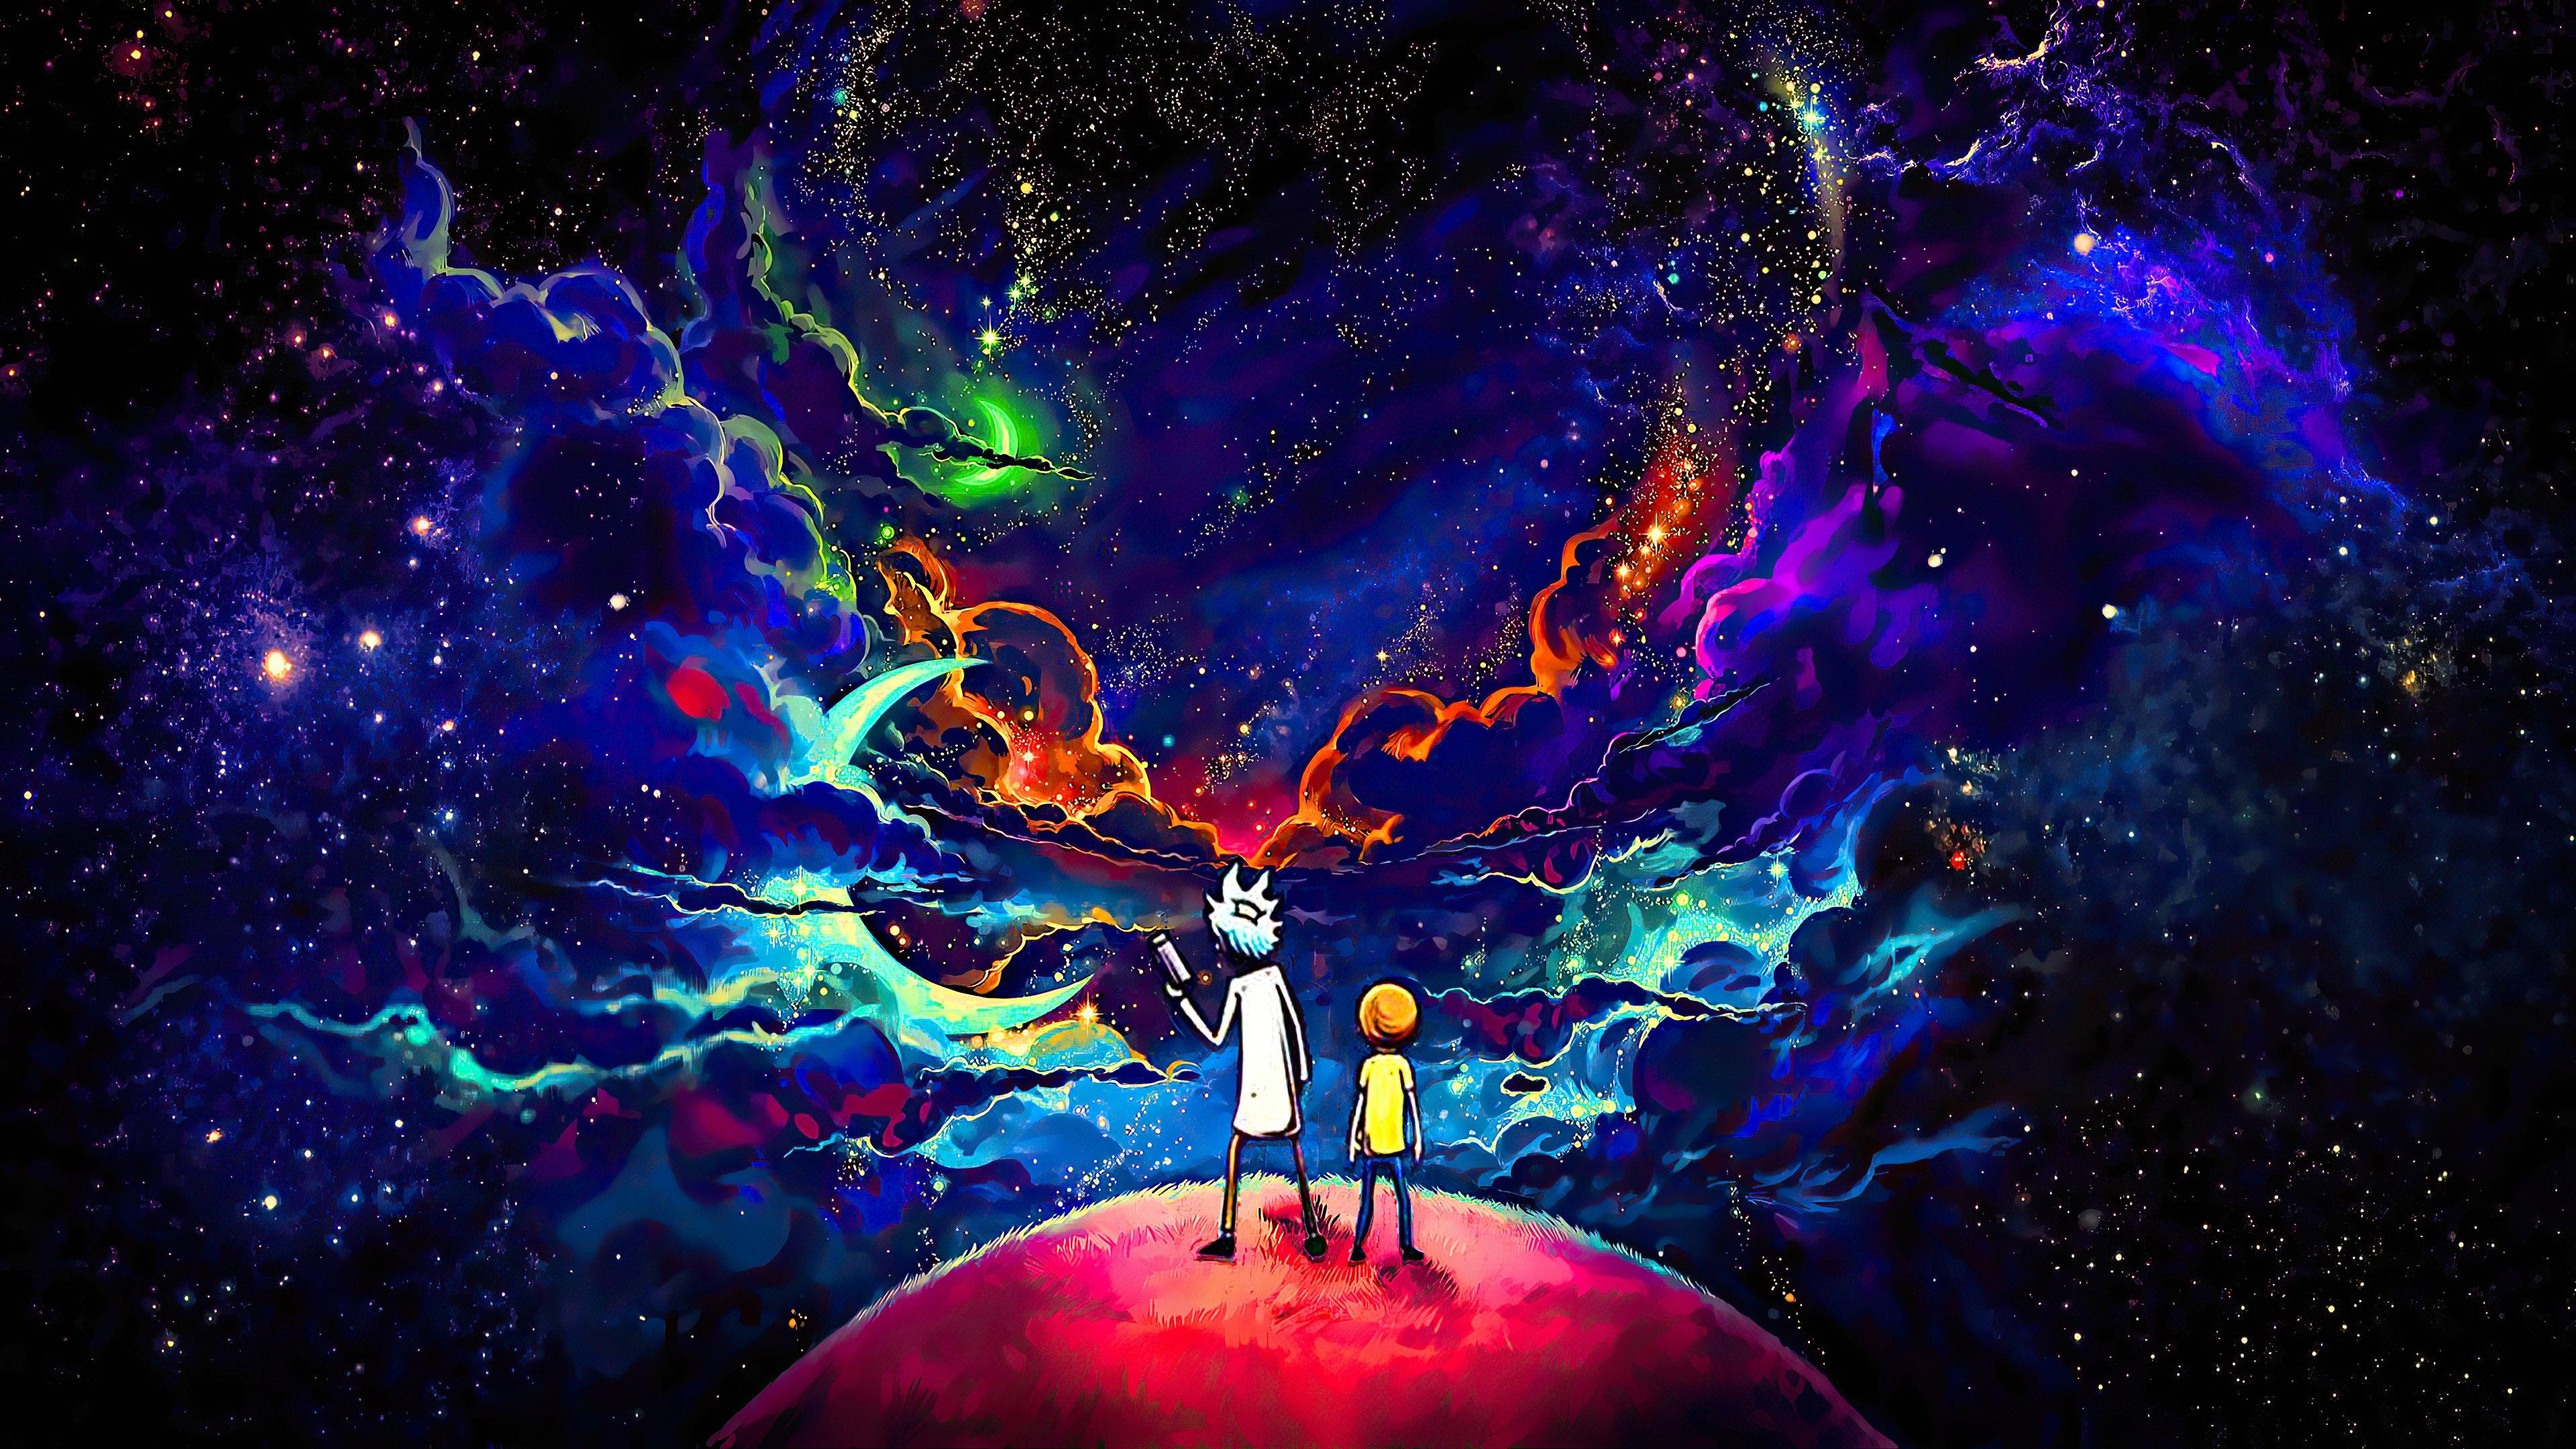 Fondos de pantalla Rick y Morty en el espacio